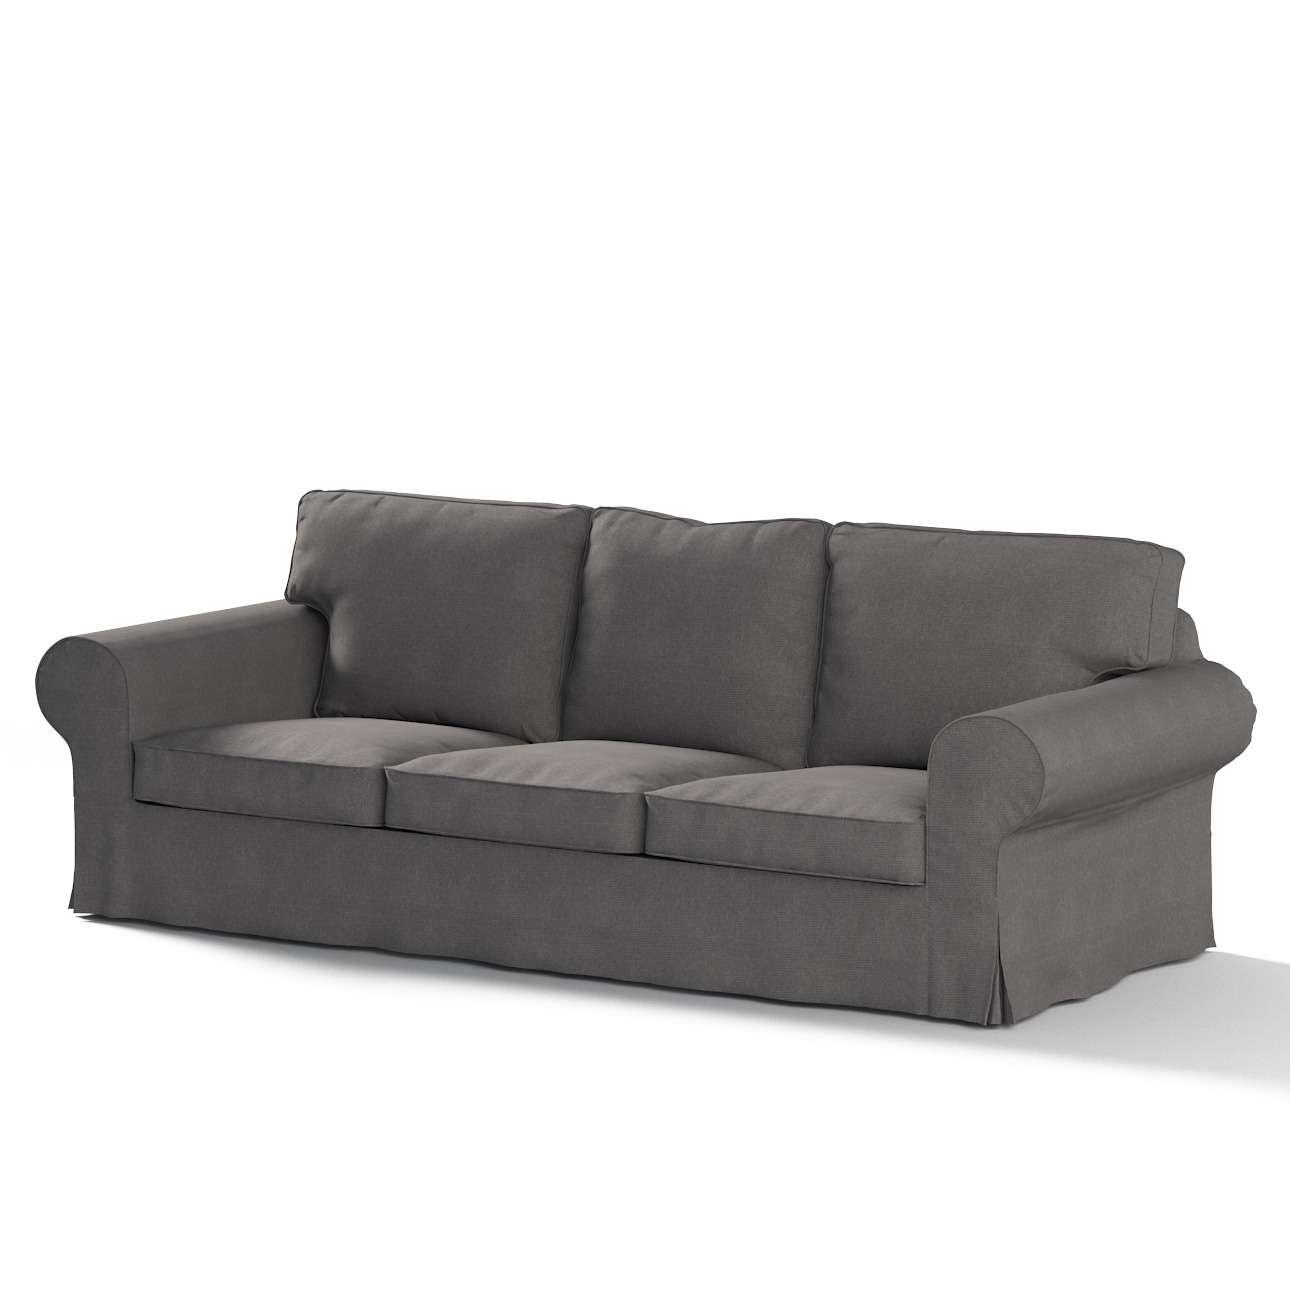 Ektorp trivietės sofos-lovos užvalkalas Ektorp trivietė sofa-lova kolekcijoje Etna , audinys: 705-35